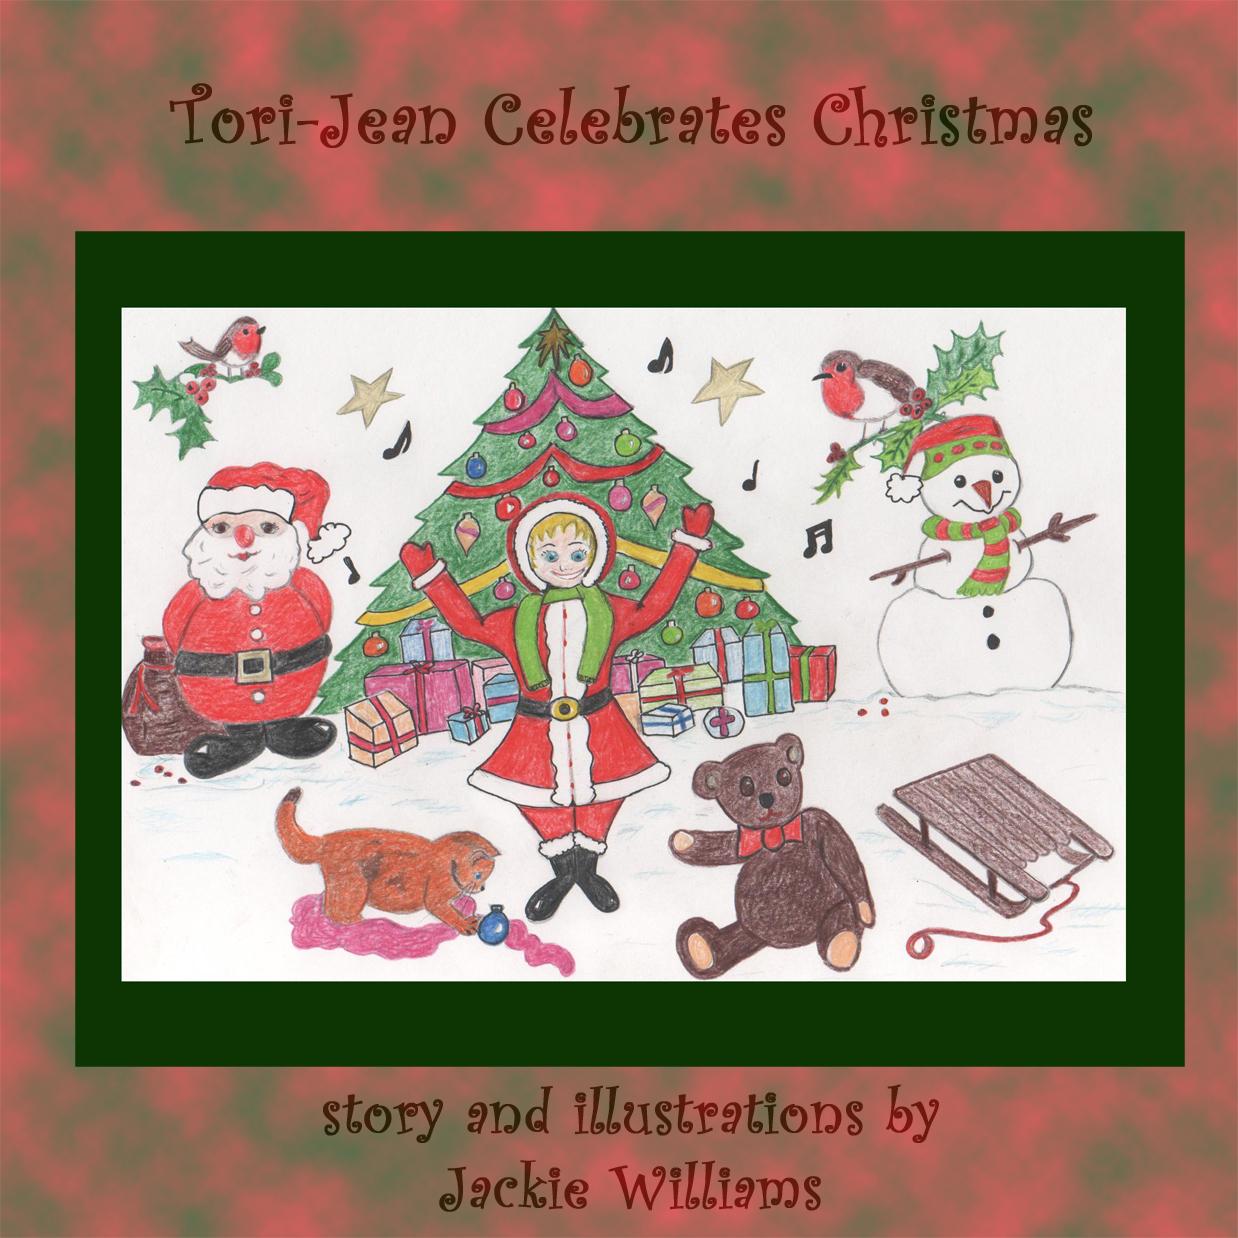 Tori-Jean Celebrates Christmas